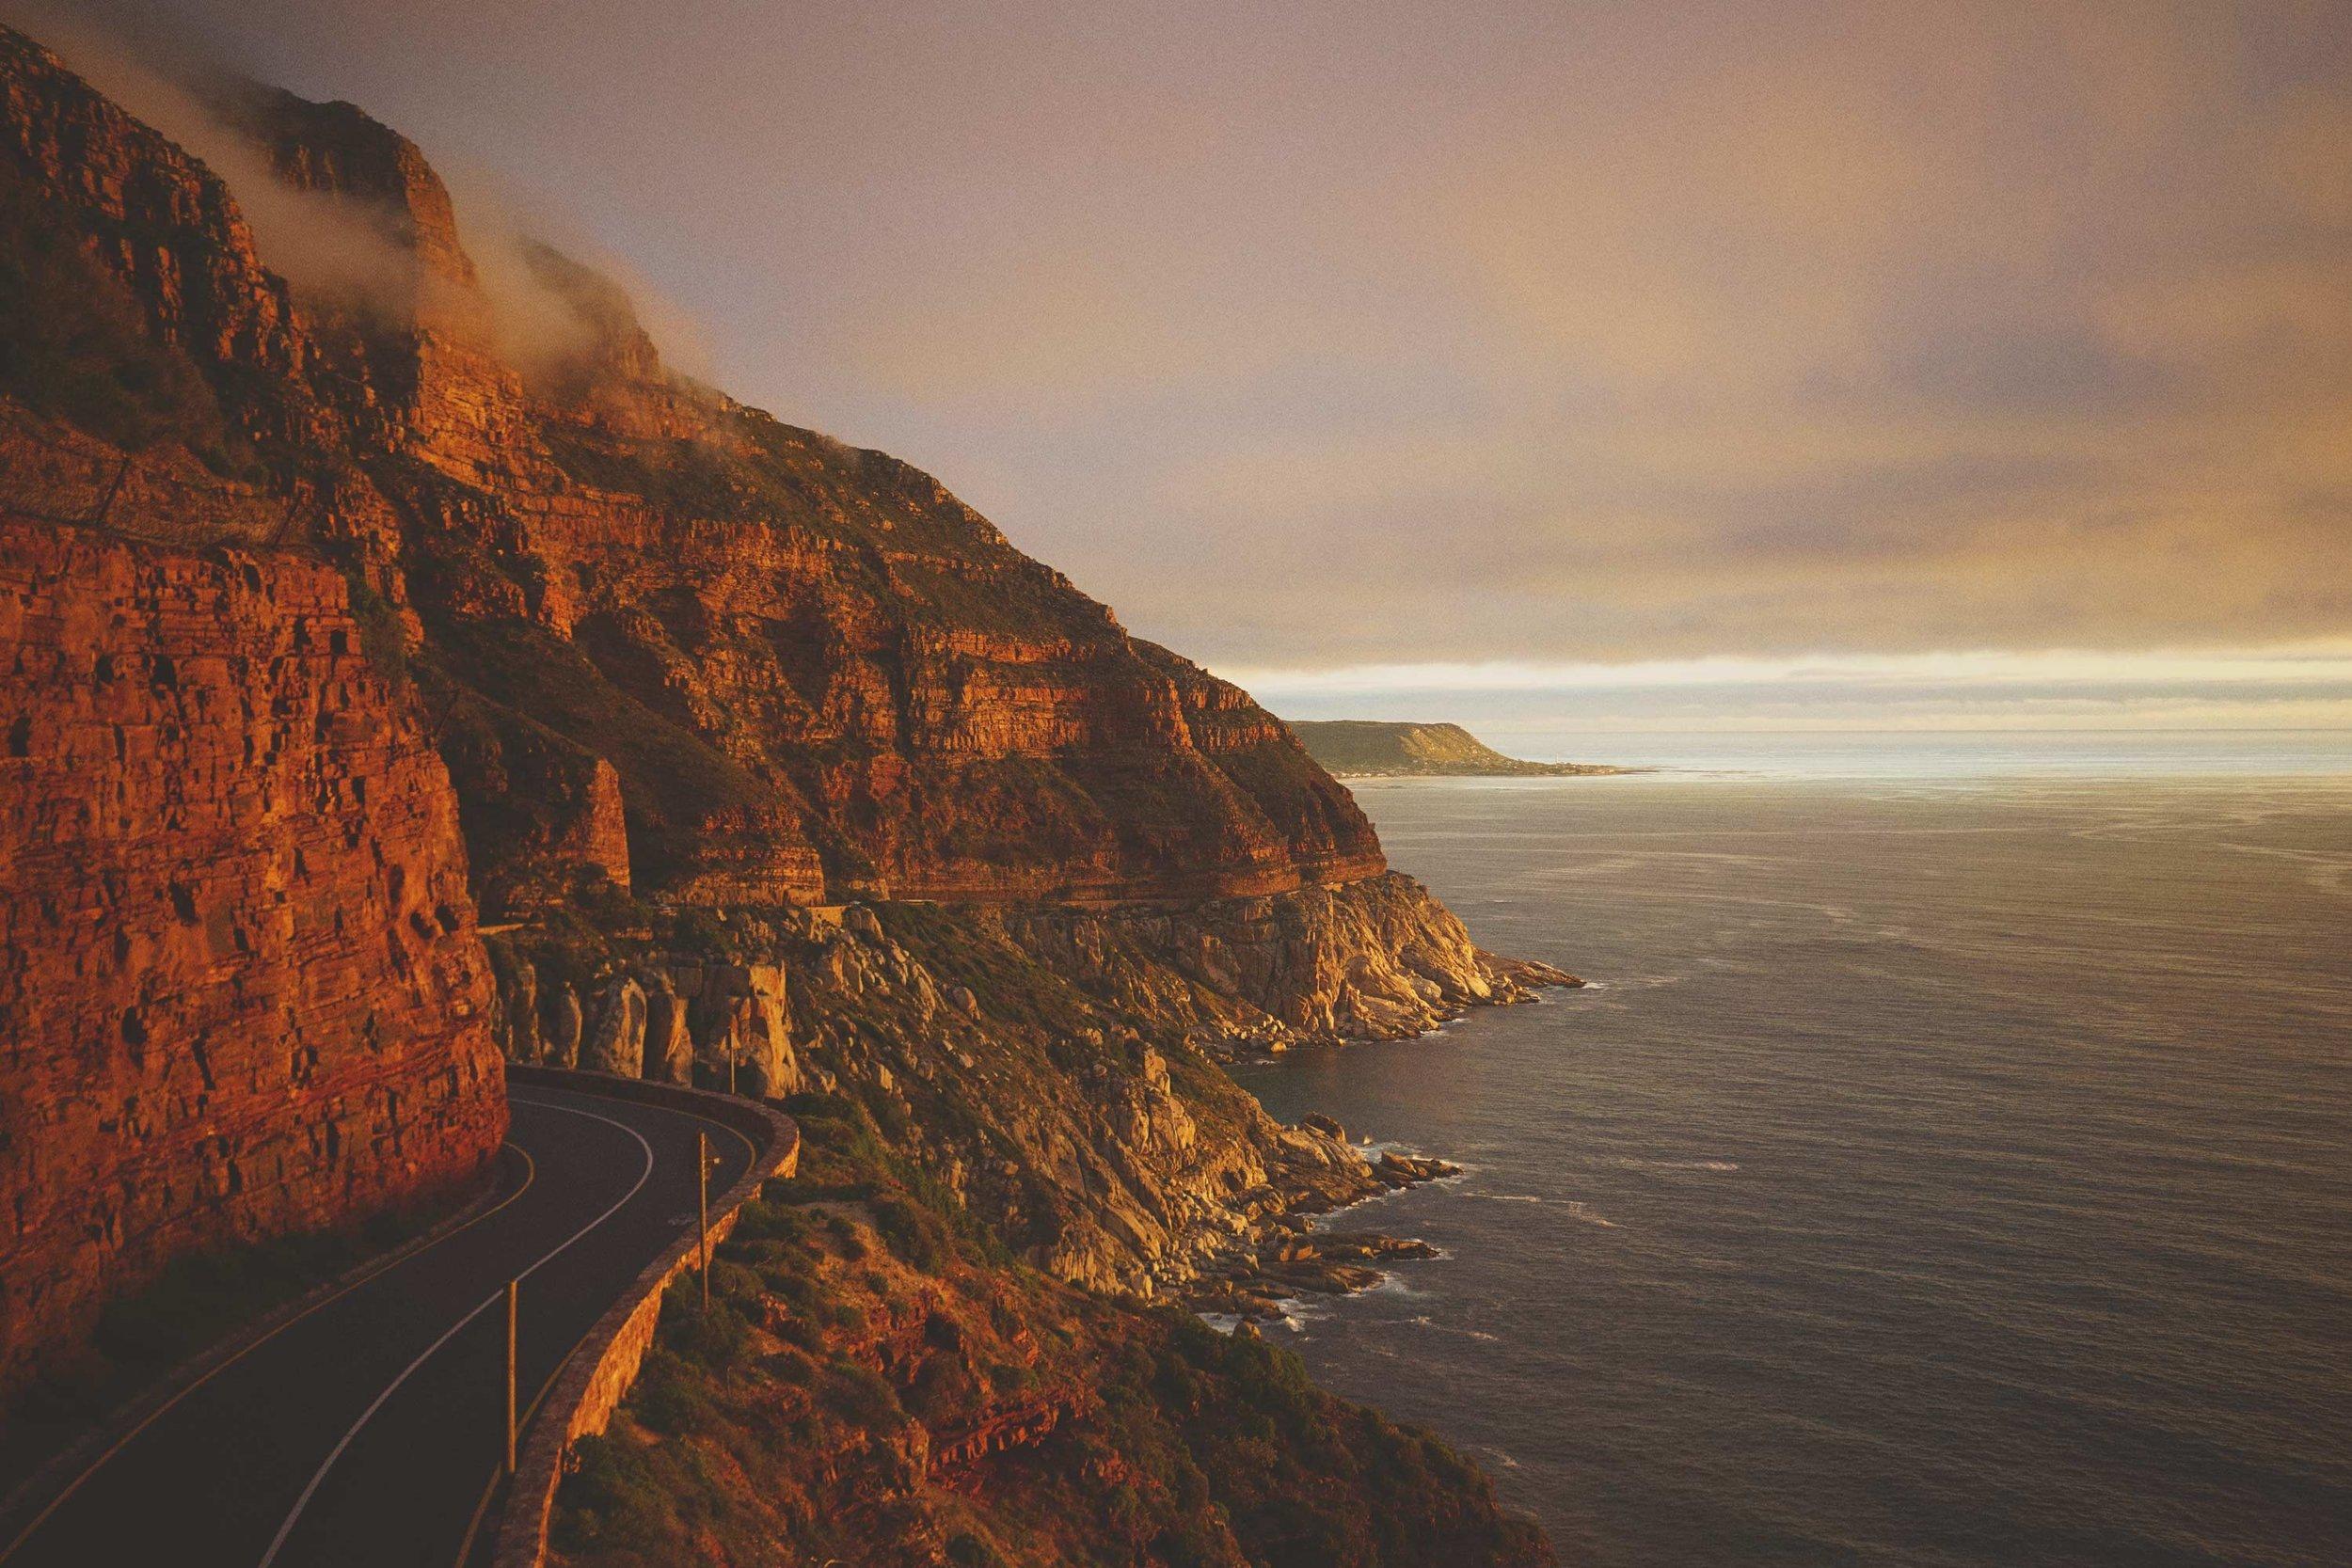 07_Giepert_South_Africa.jpg